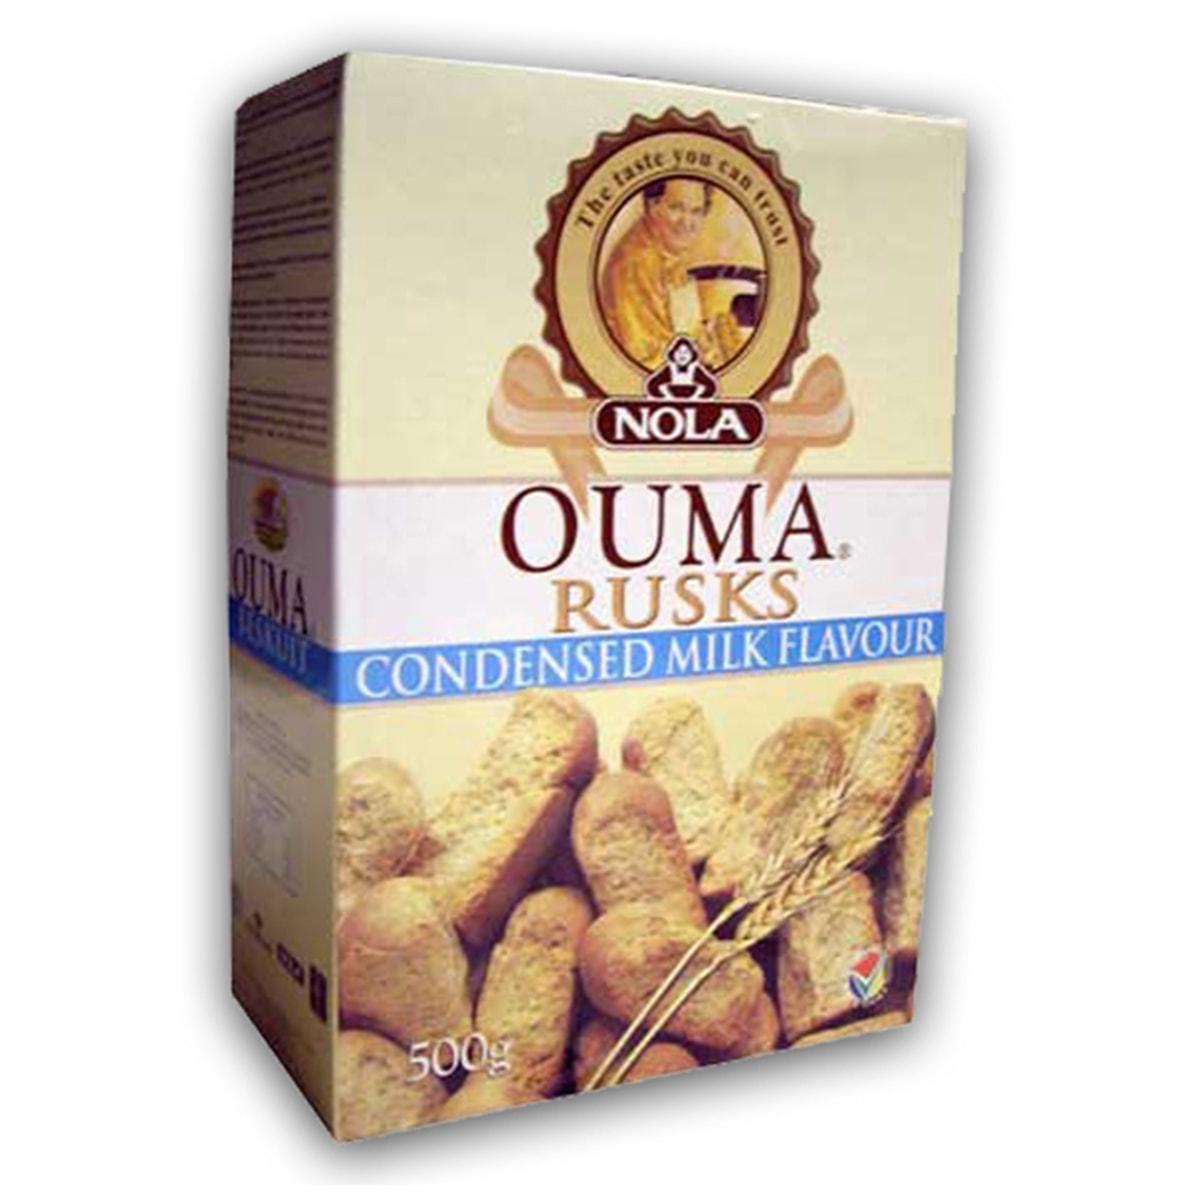 Buy Ouma Condensed Milk Rusks - 500 gm